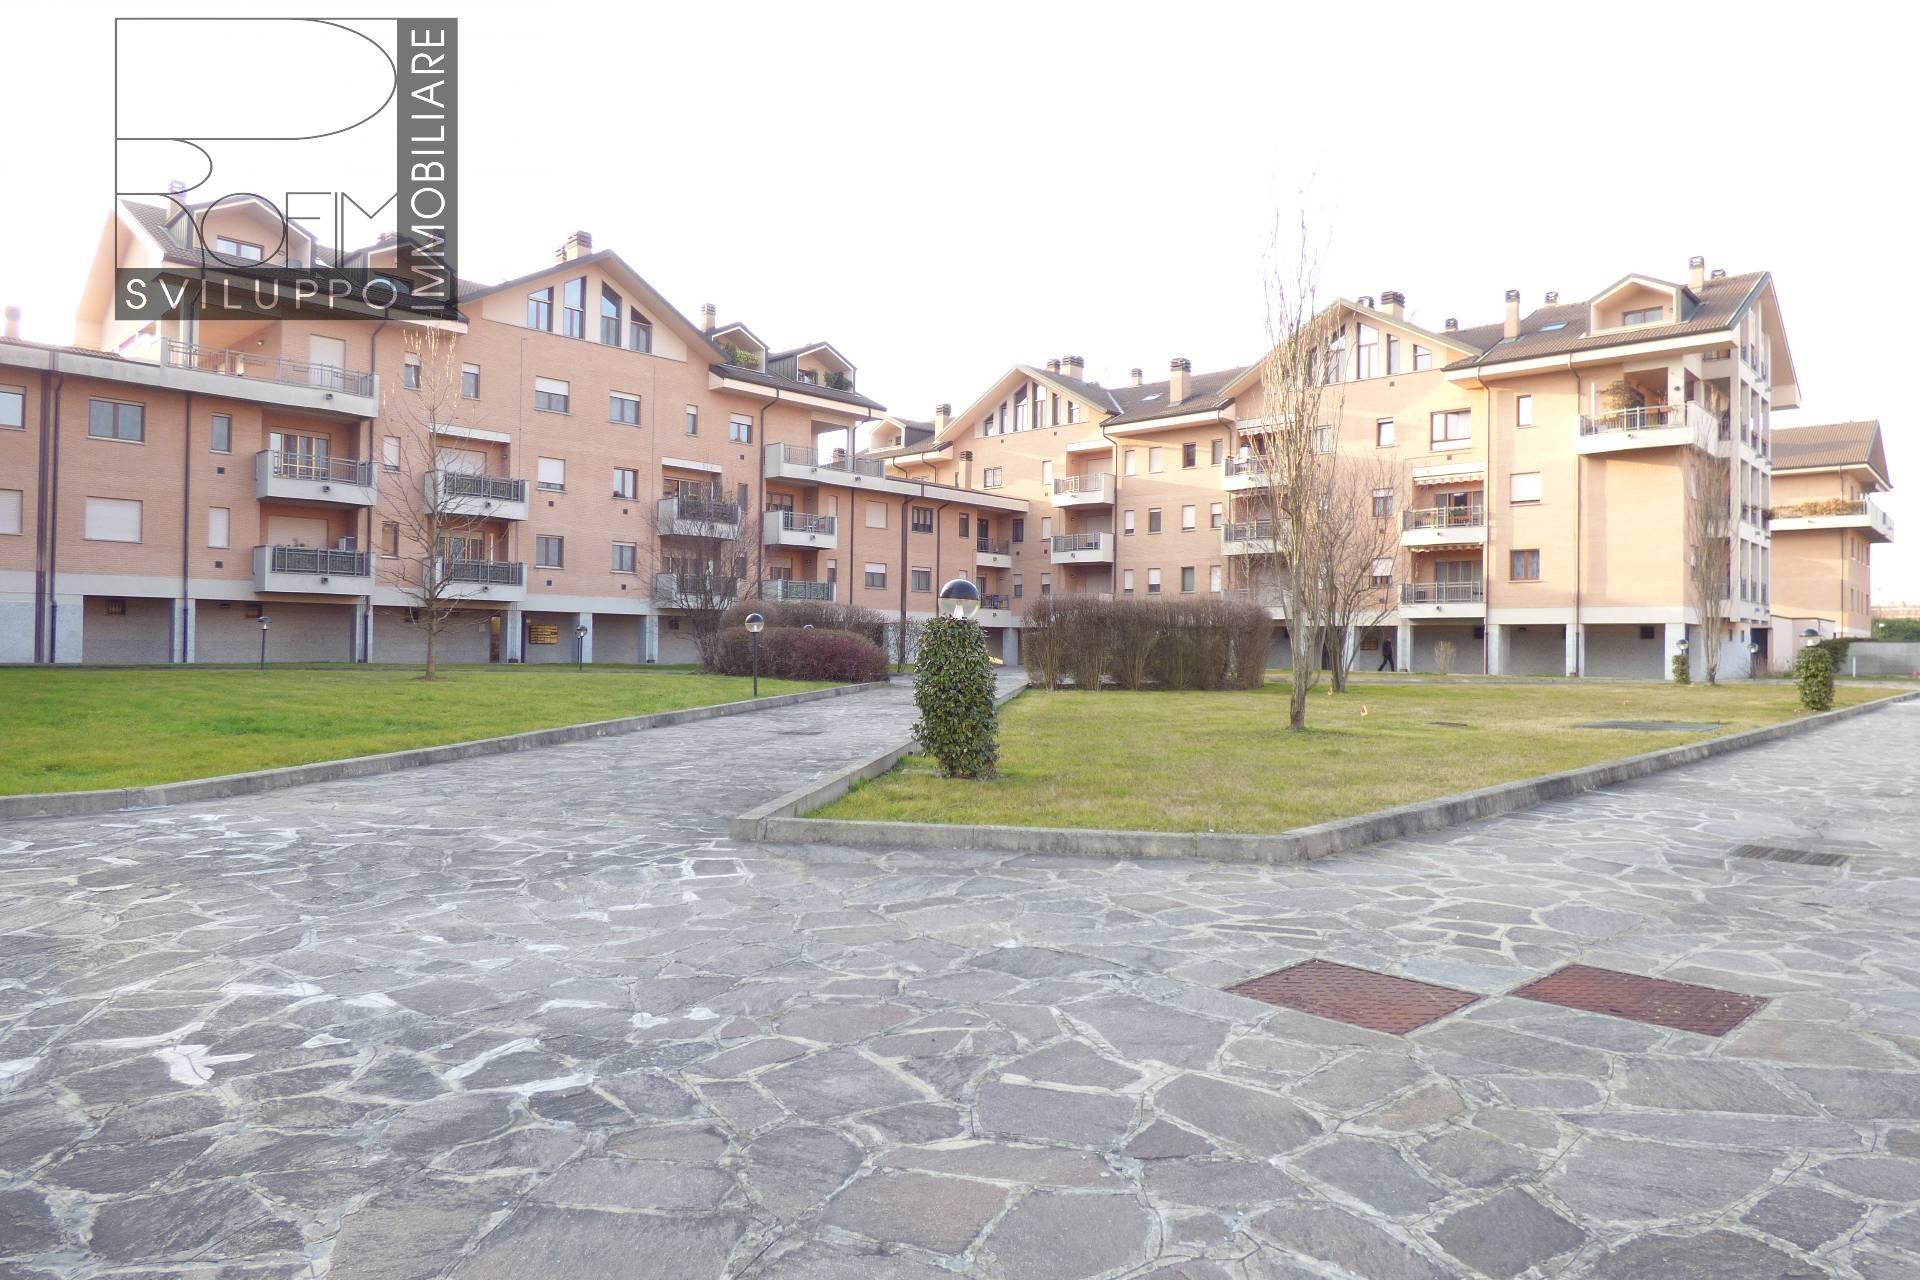 Appartamento in vendita a Tribiano, 3 locali, prezzo € 165.000 | CambioCasa.it